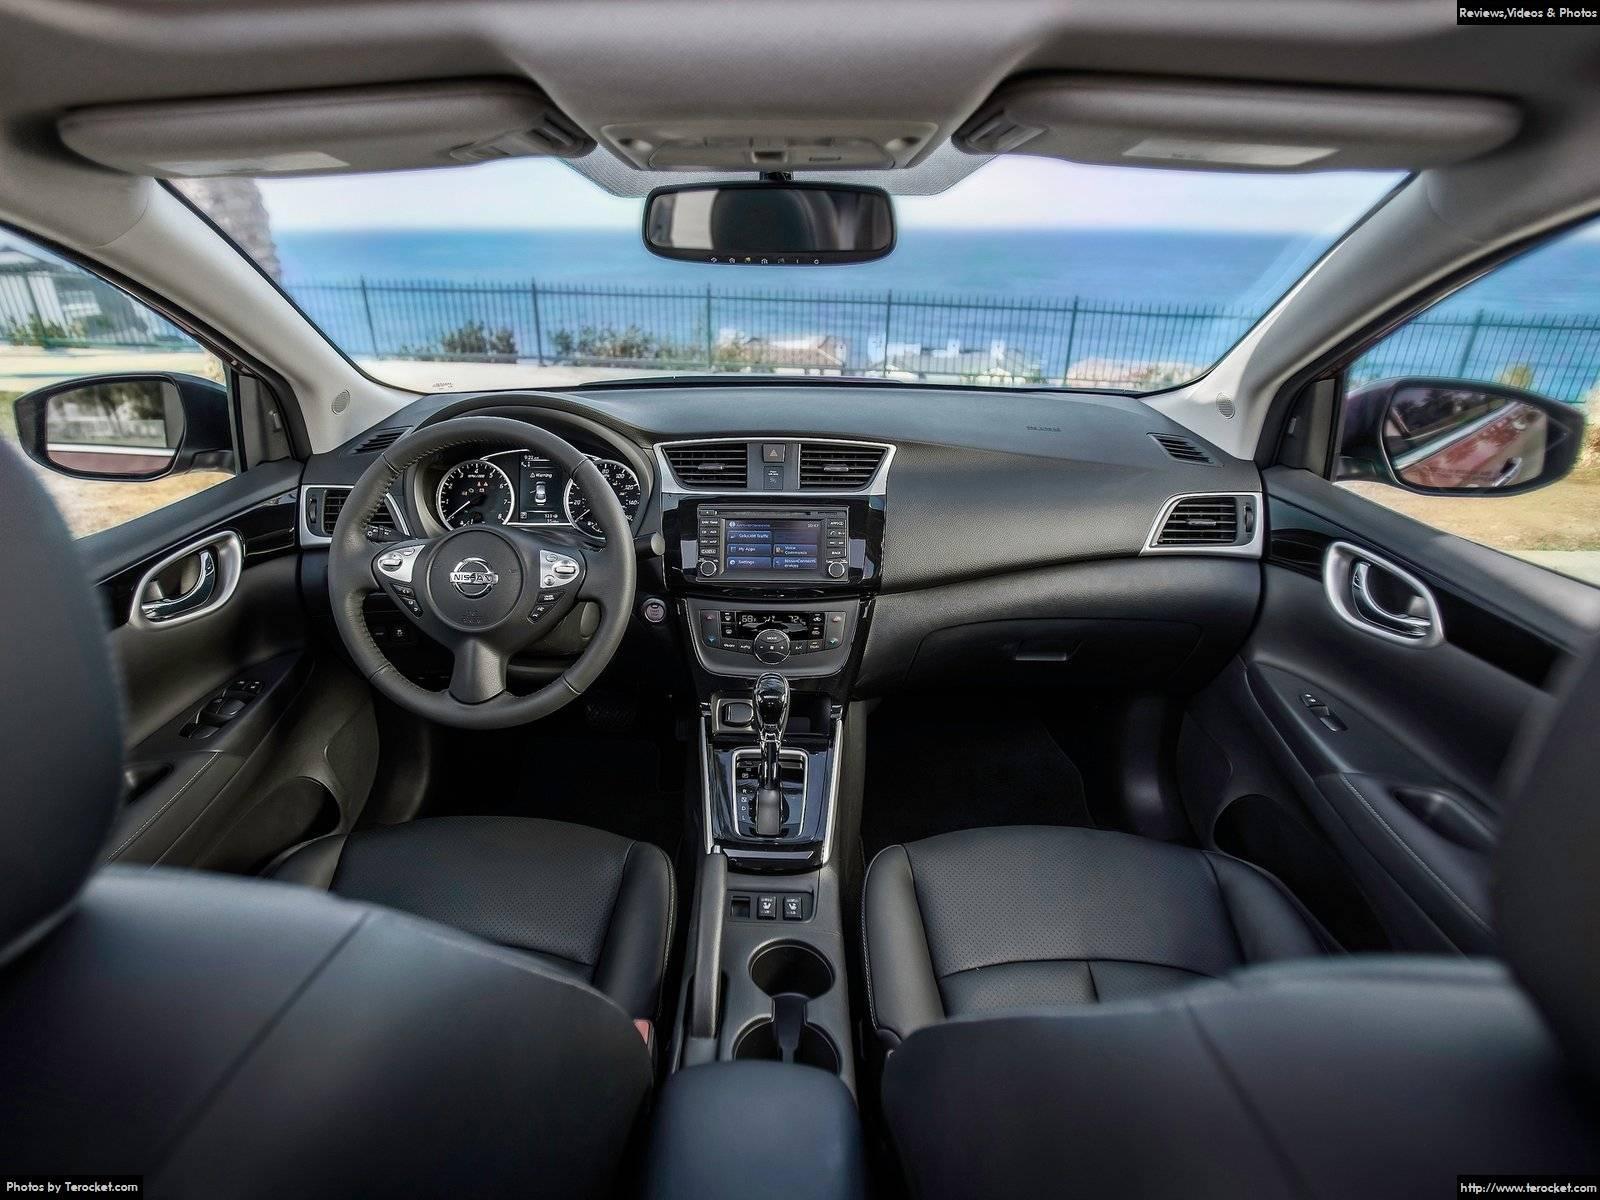 Hình ảnh xe ô tô Nissan Sentra 2016 & nội ngoại thất